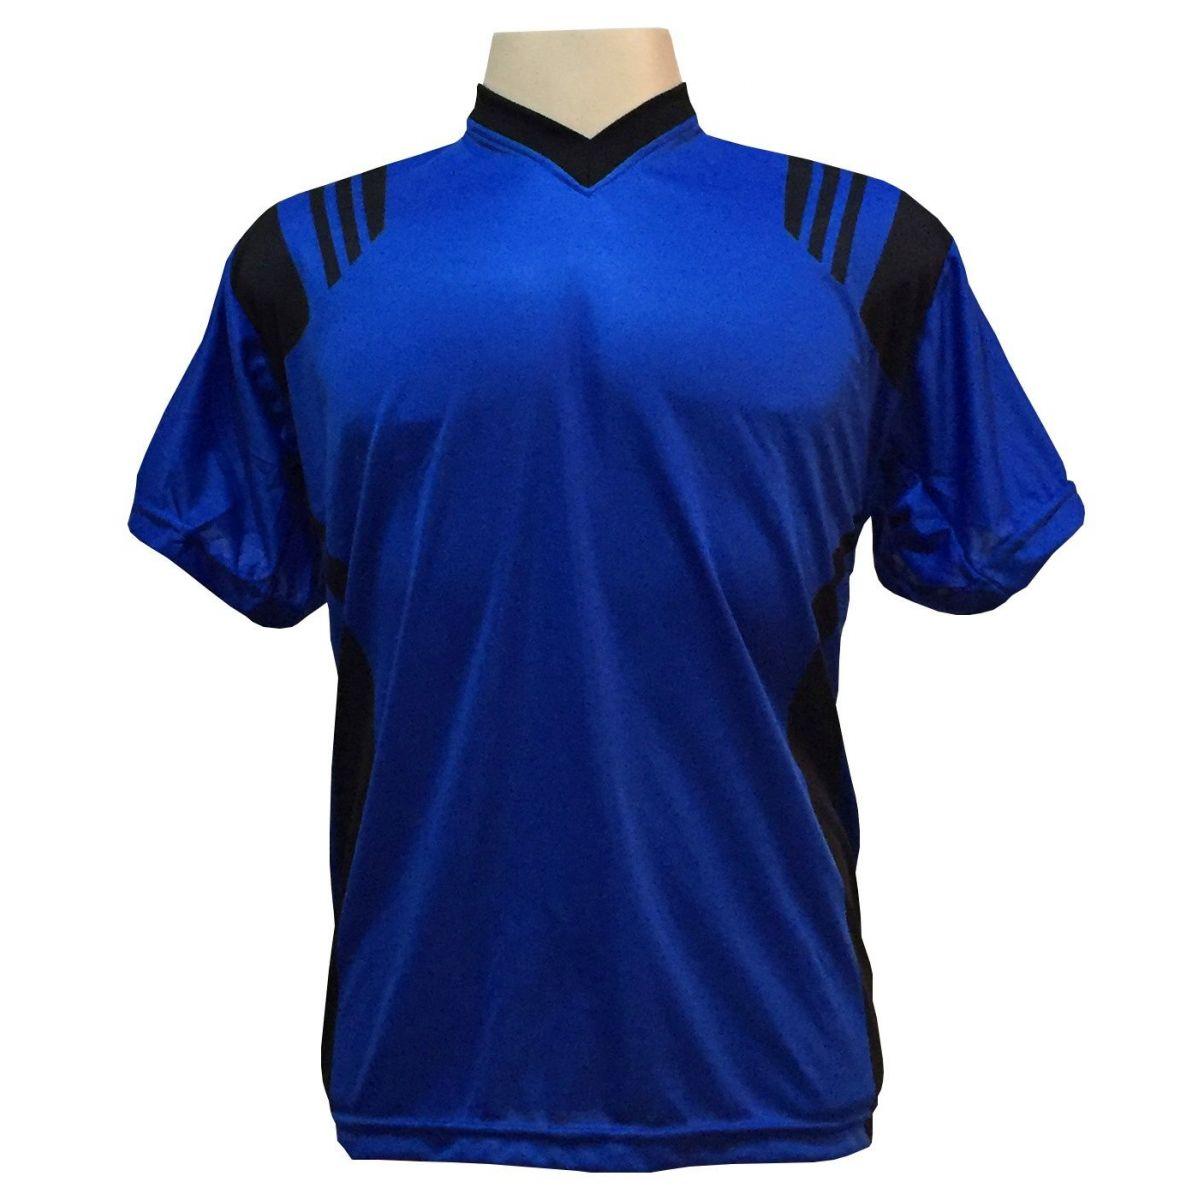 Fardamento Completo modelo Roma Royal/Preto 12+1 (12 camisas + 12 calções + 13 pares de meiões + 1 conjunto de goleiro) - Frete Grátis Brasil + Brindes